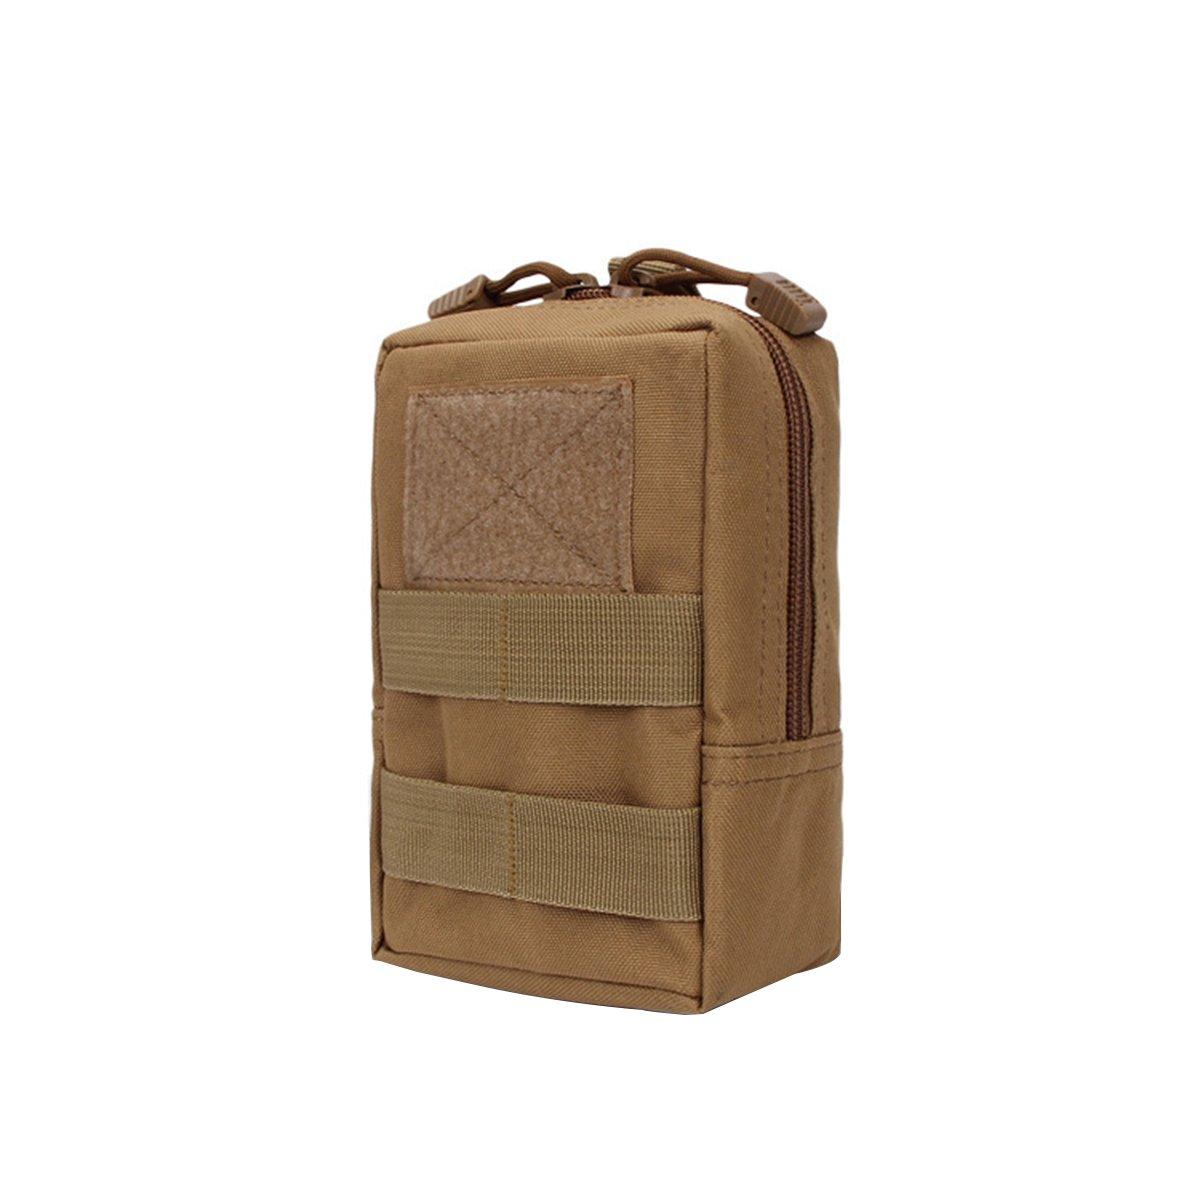 WINOMO Bolsa de Cintura Militar Impermeable Bolsa Compacta Molle Riñonera para Herramientas (barro de color)